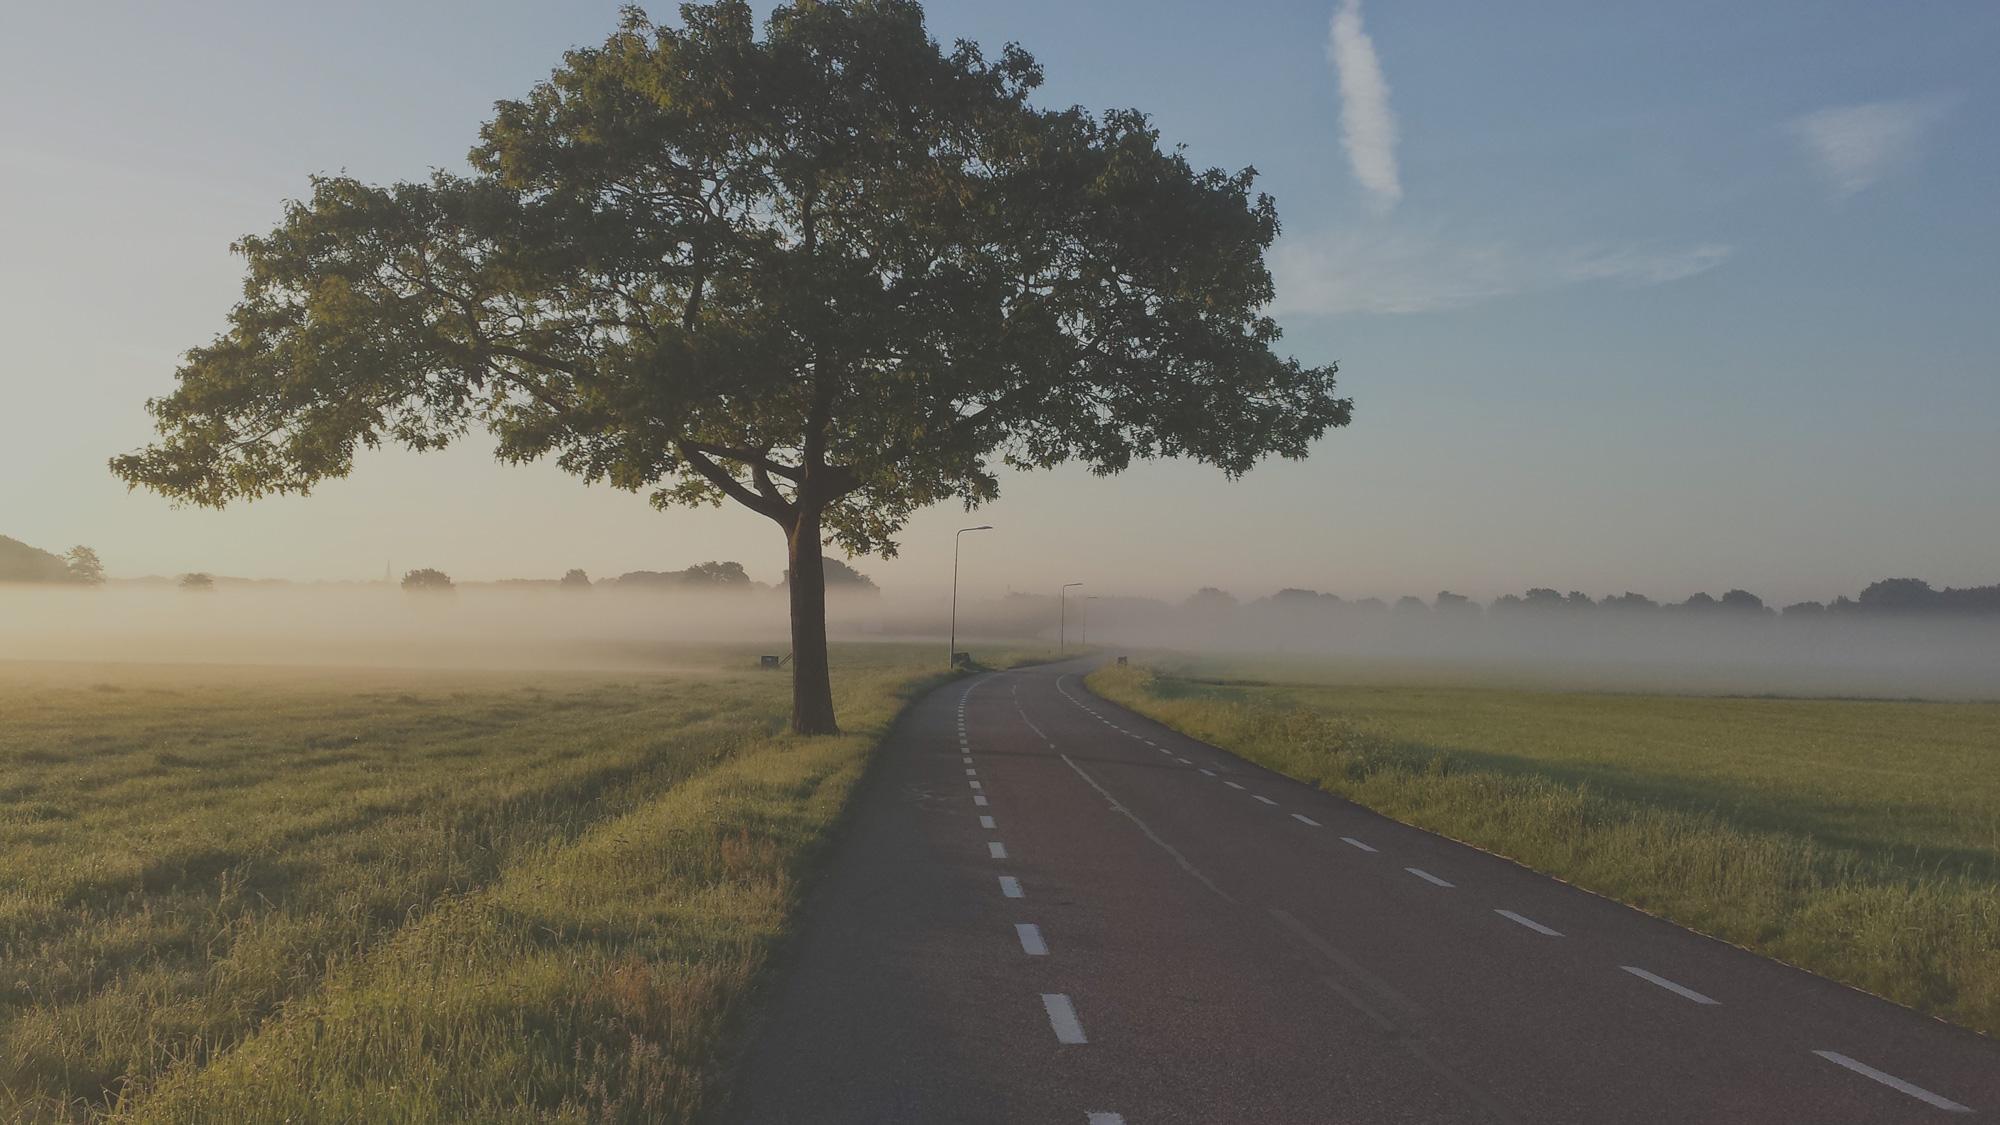 default image for Autobedrijf Curvers-Den Haag